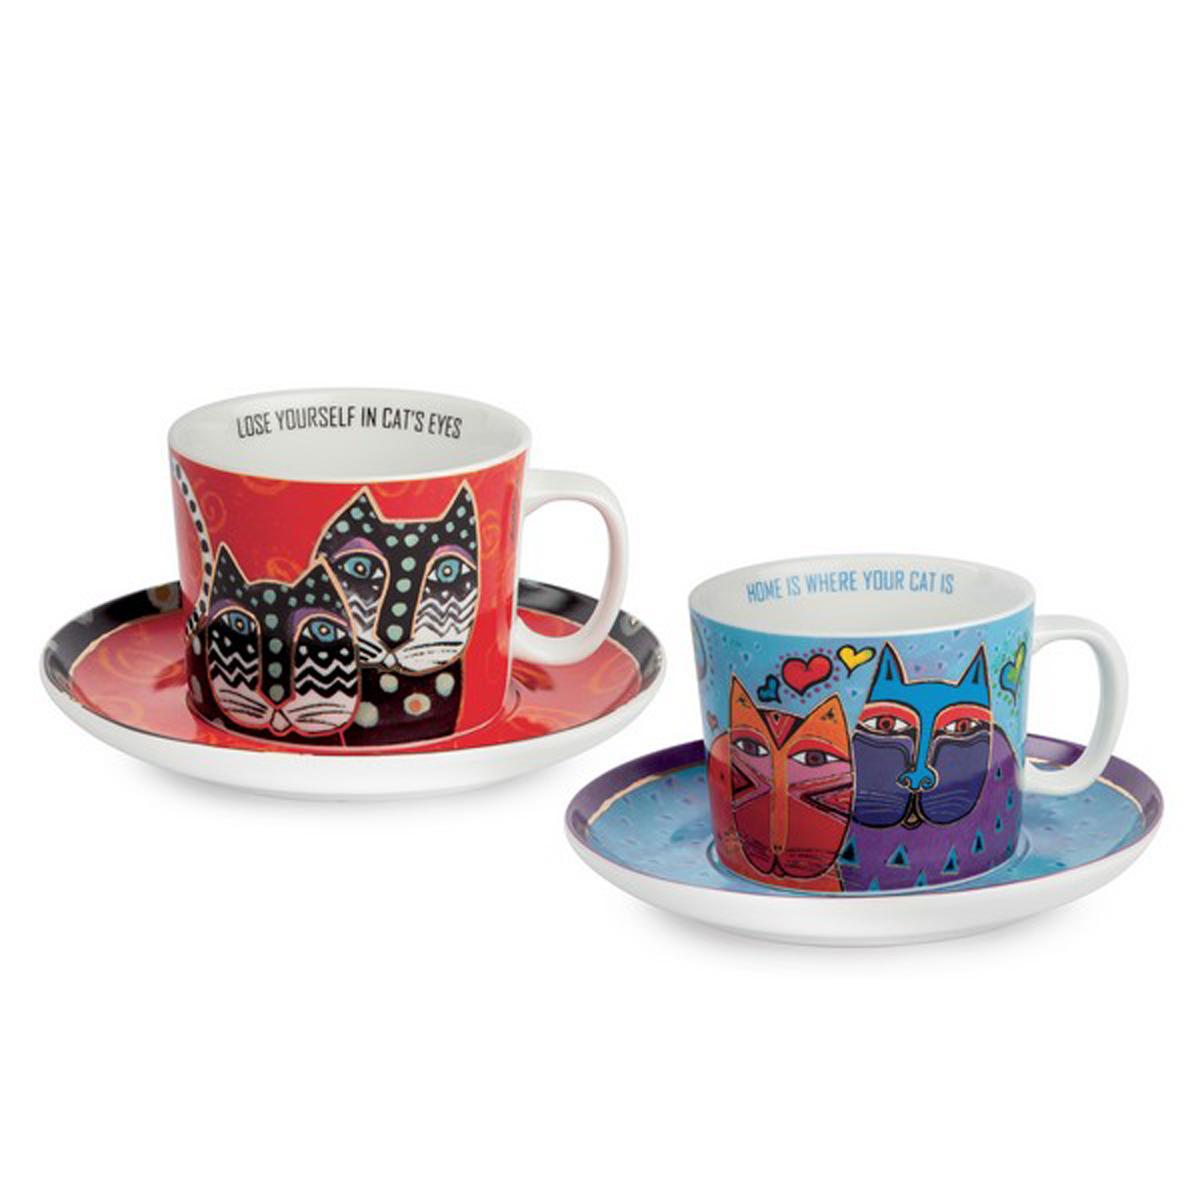 Coffret duo déjeuner porcelaine \'Laurel Burch\' bleu rouge (chats) - tasse 9x7 cm (340 ml) - [A2689]